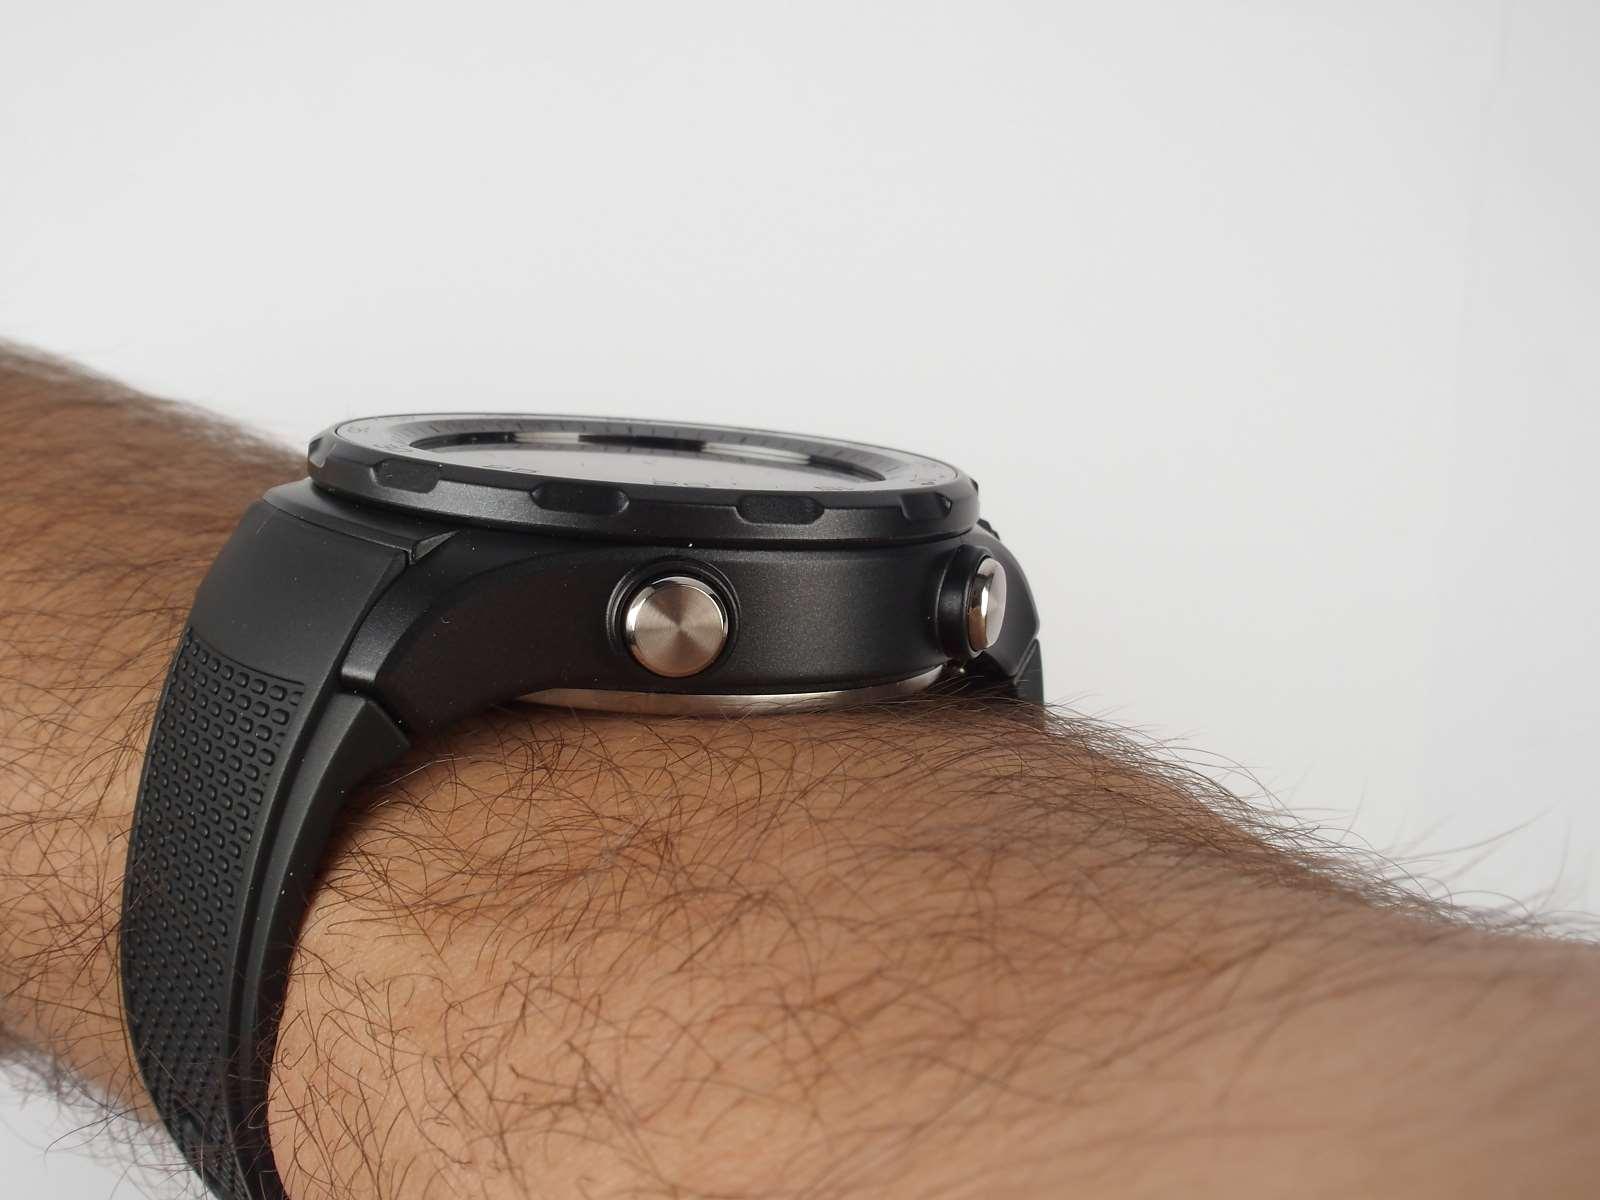 Hodinky jsou proti první generaci Huawei Watch výrazně tlustší df9da9d938